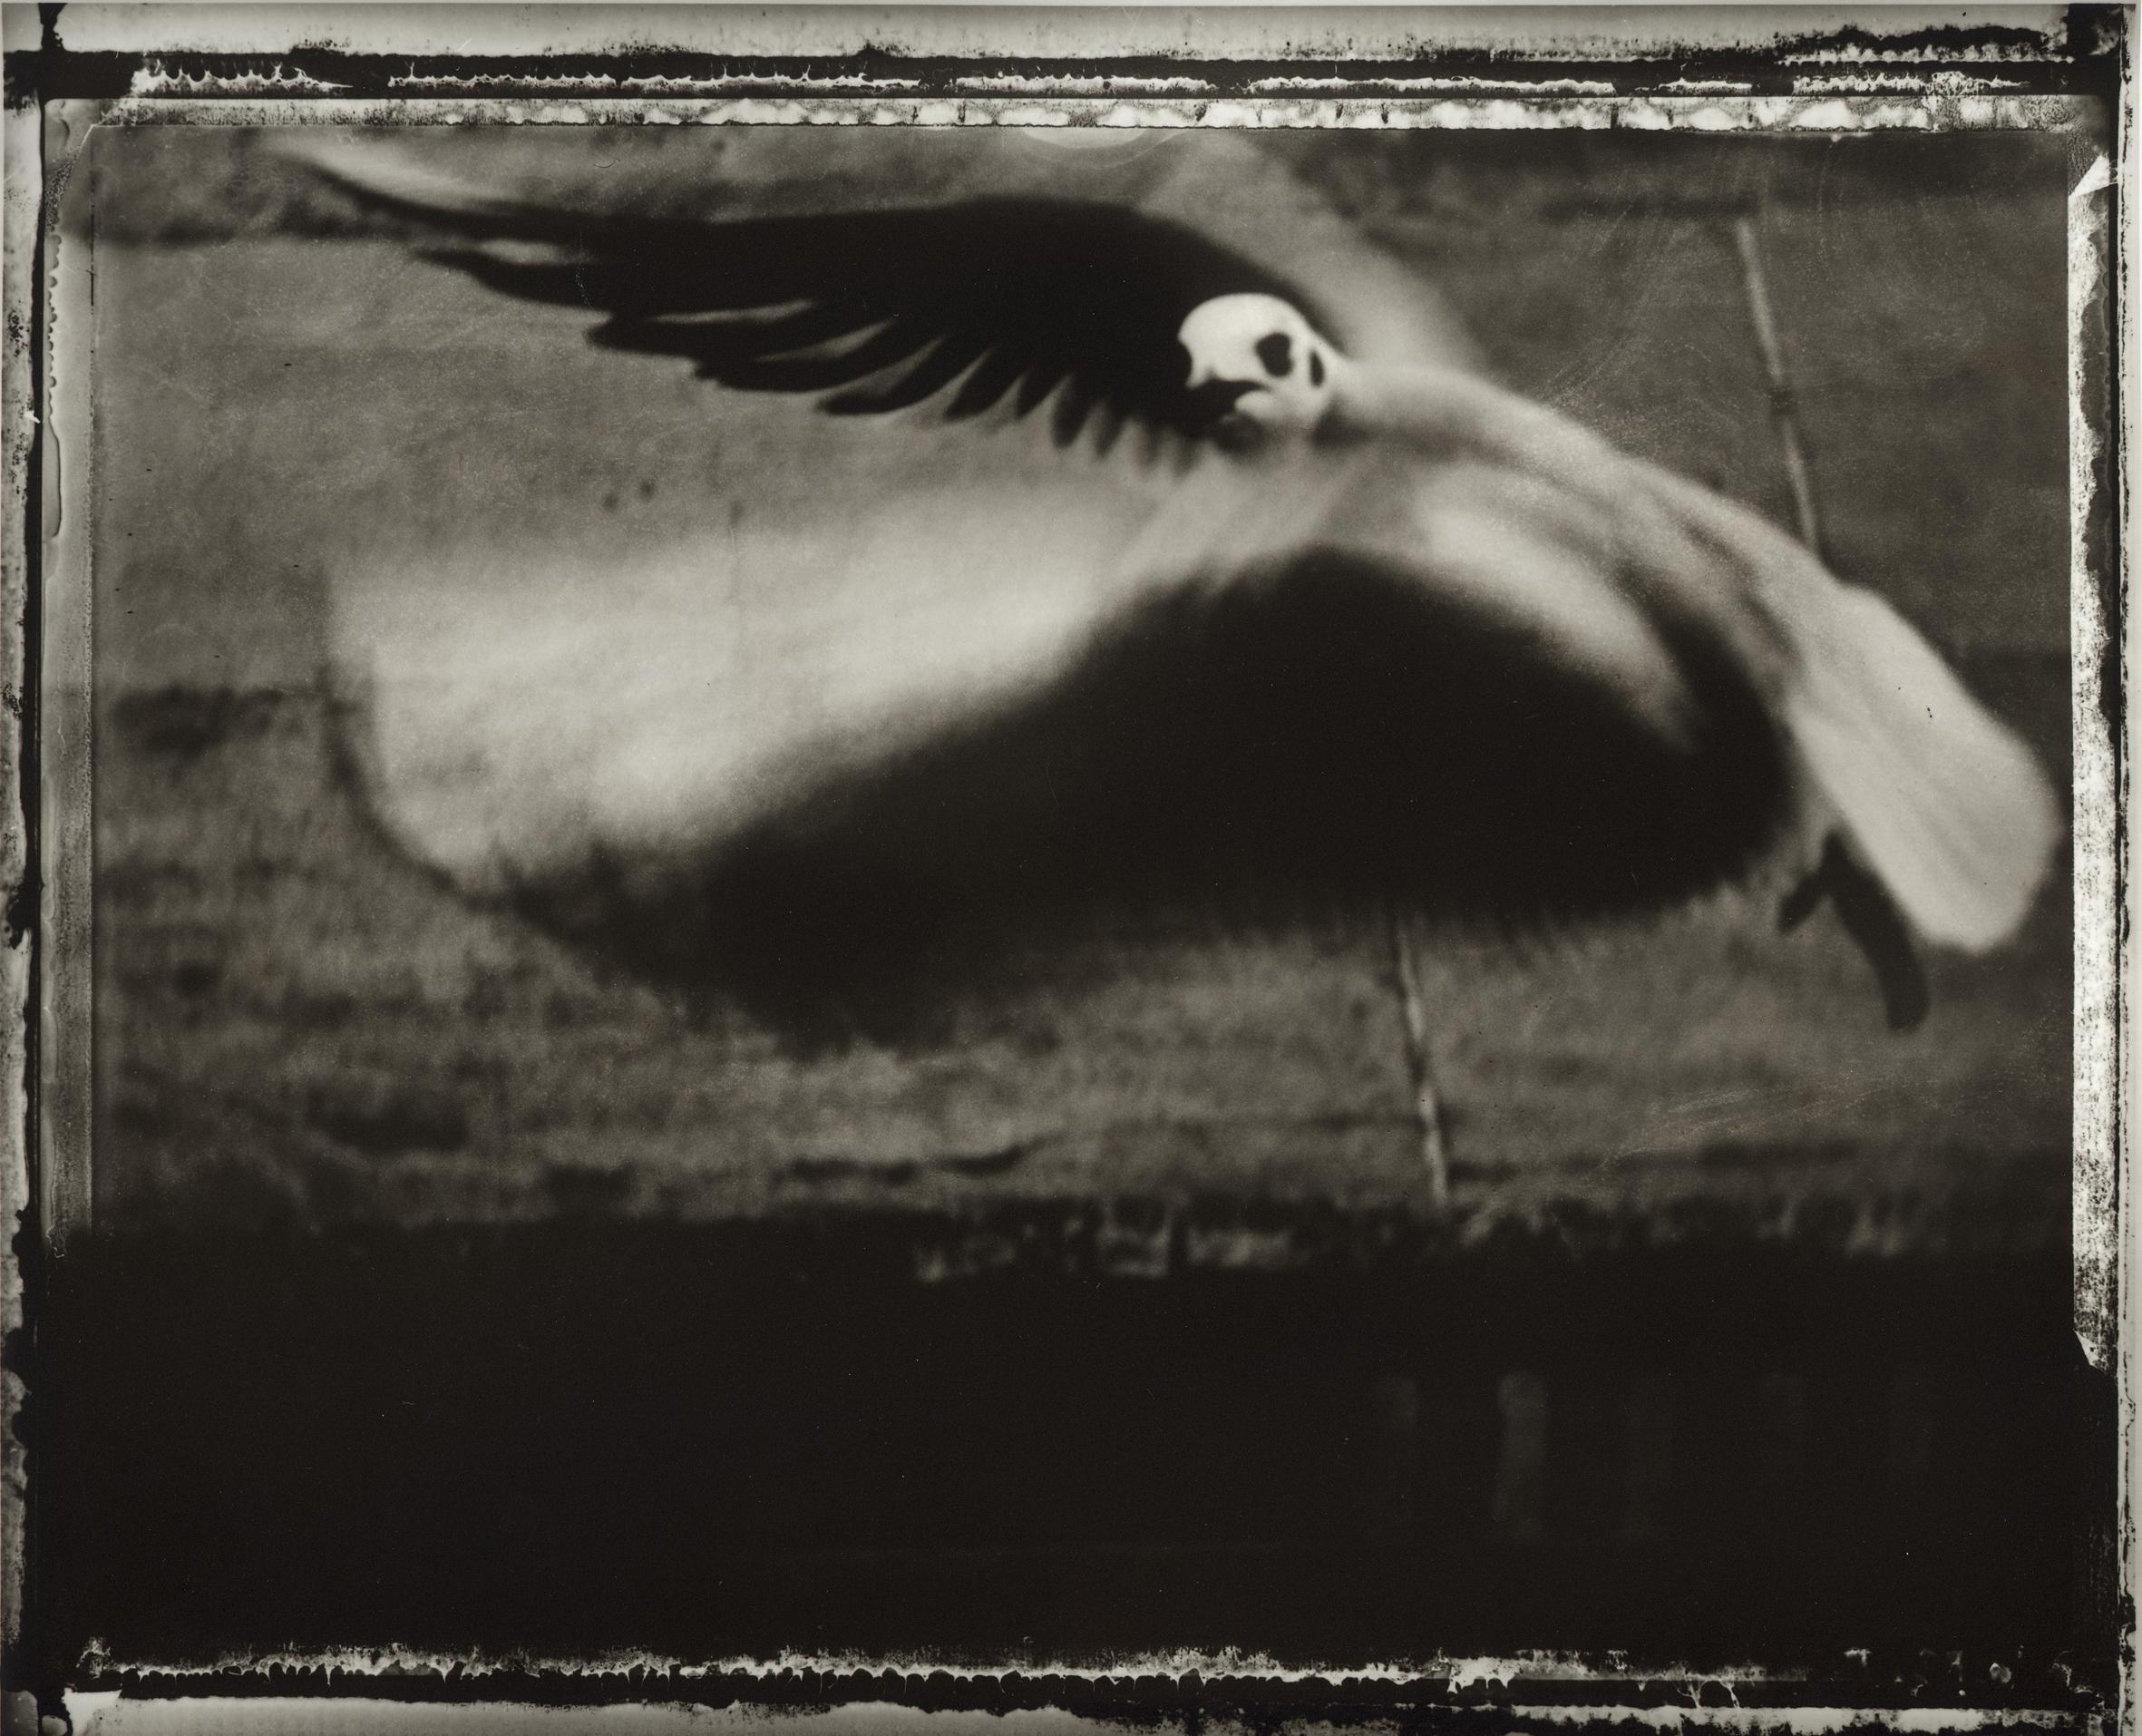 2.Sarah Moon_The Seagull_ 1998